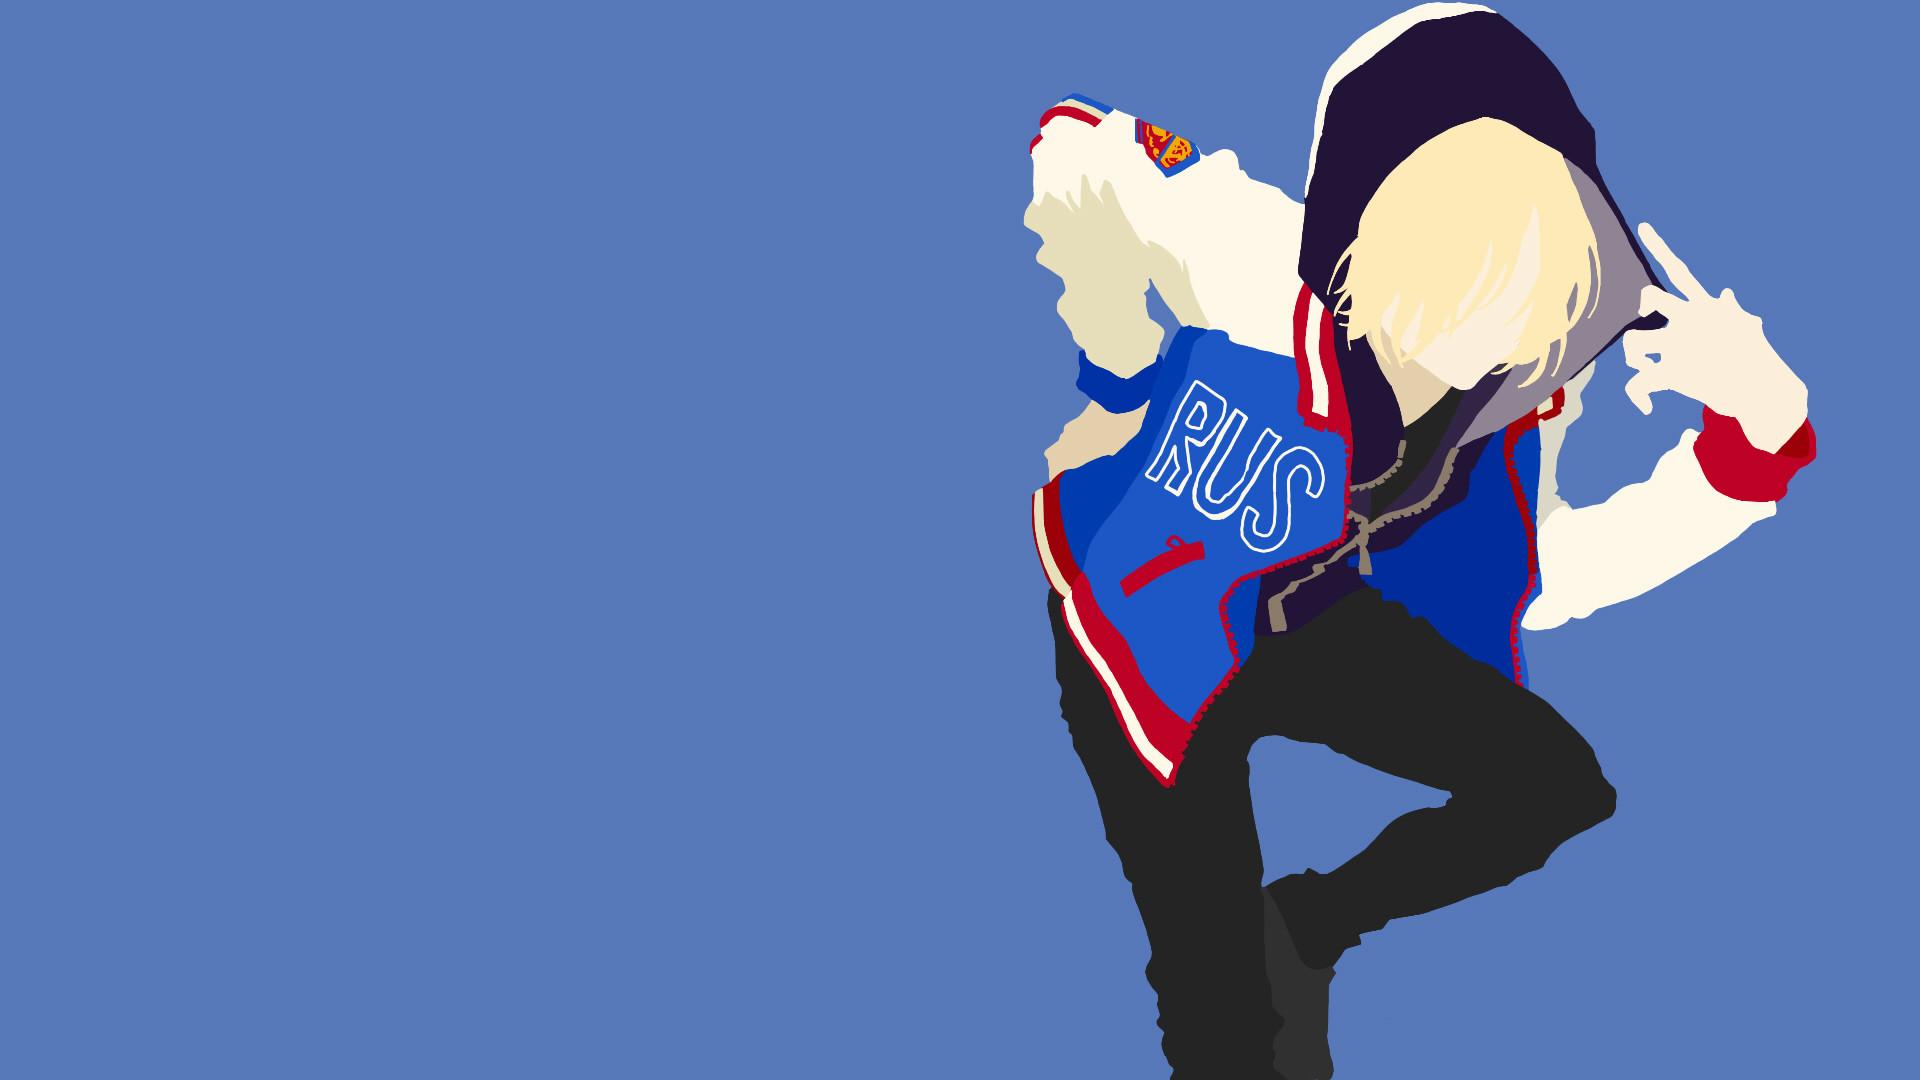 Yuri on Ice wallpaper